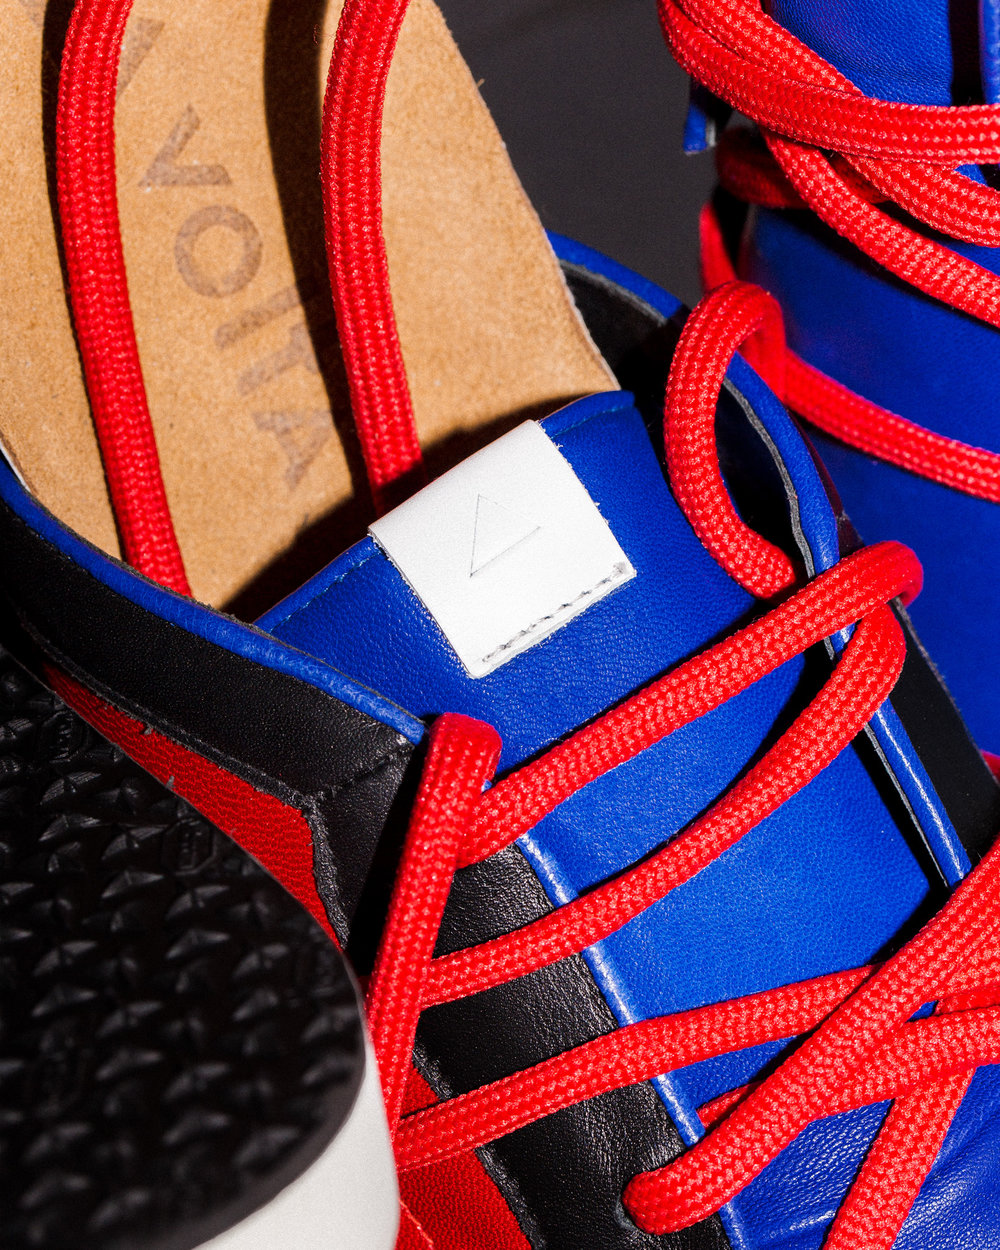 Volta-Footwear-Lightweight-Nappa-Ralph-Facebook-2.jpg